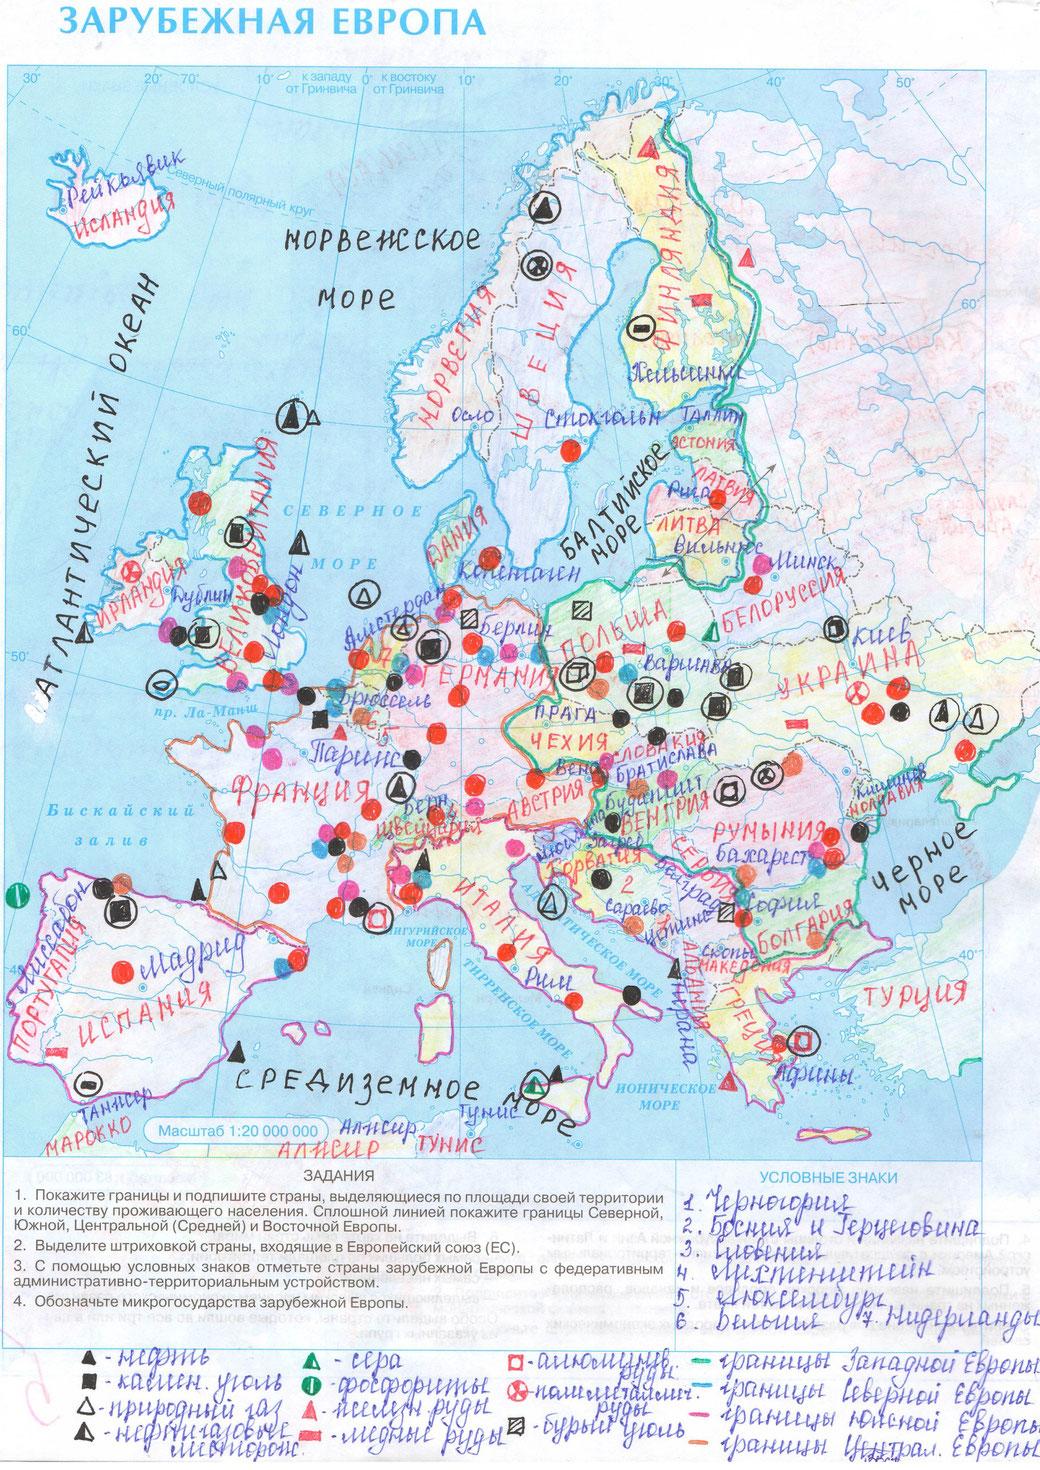 География 10 картам класс контурным гдз зарубежная европа по